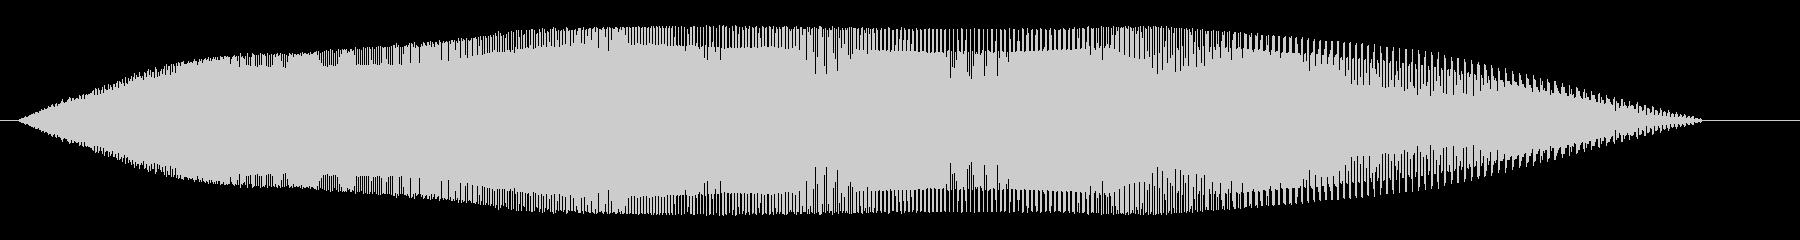 ピュゥゥ〜ン(降下していく感じの音)の未再生の波形